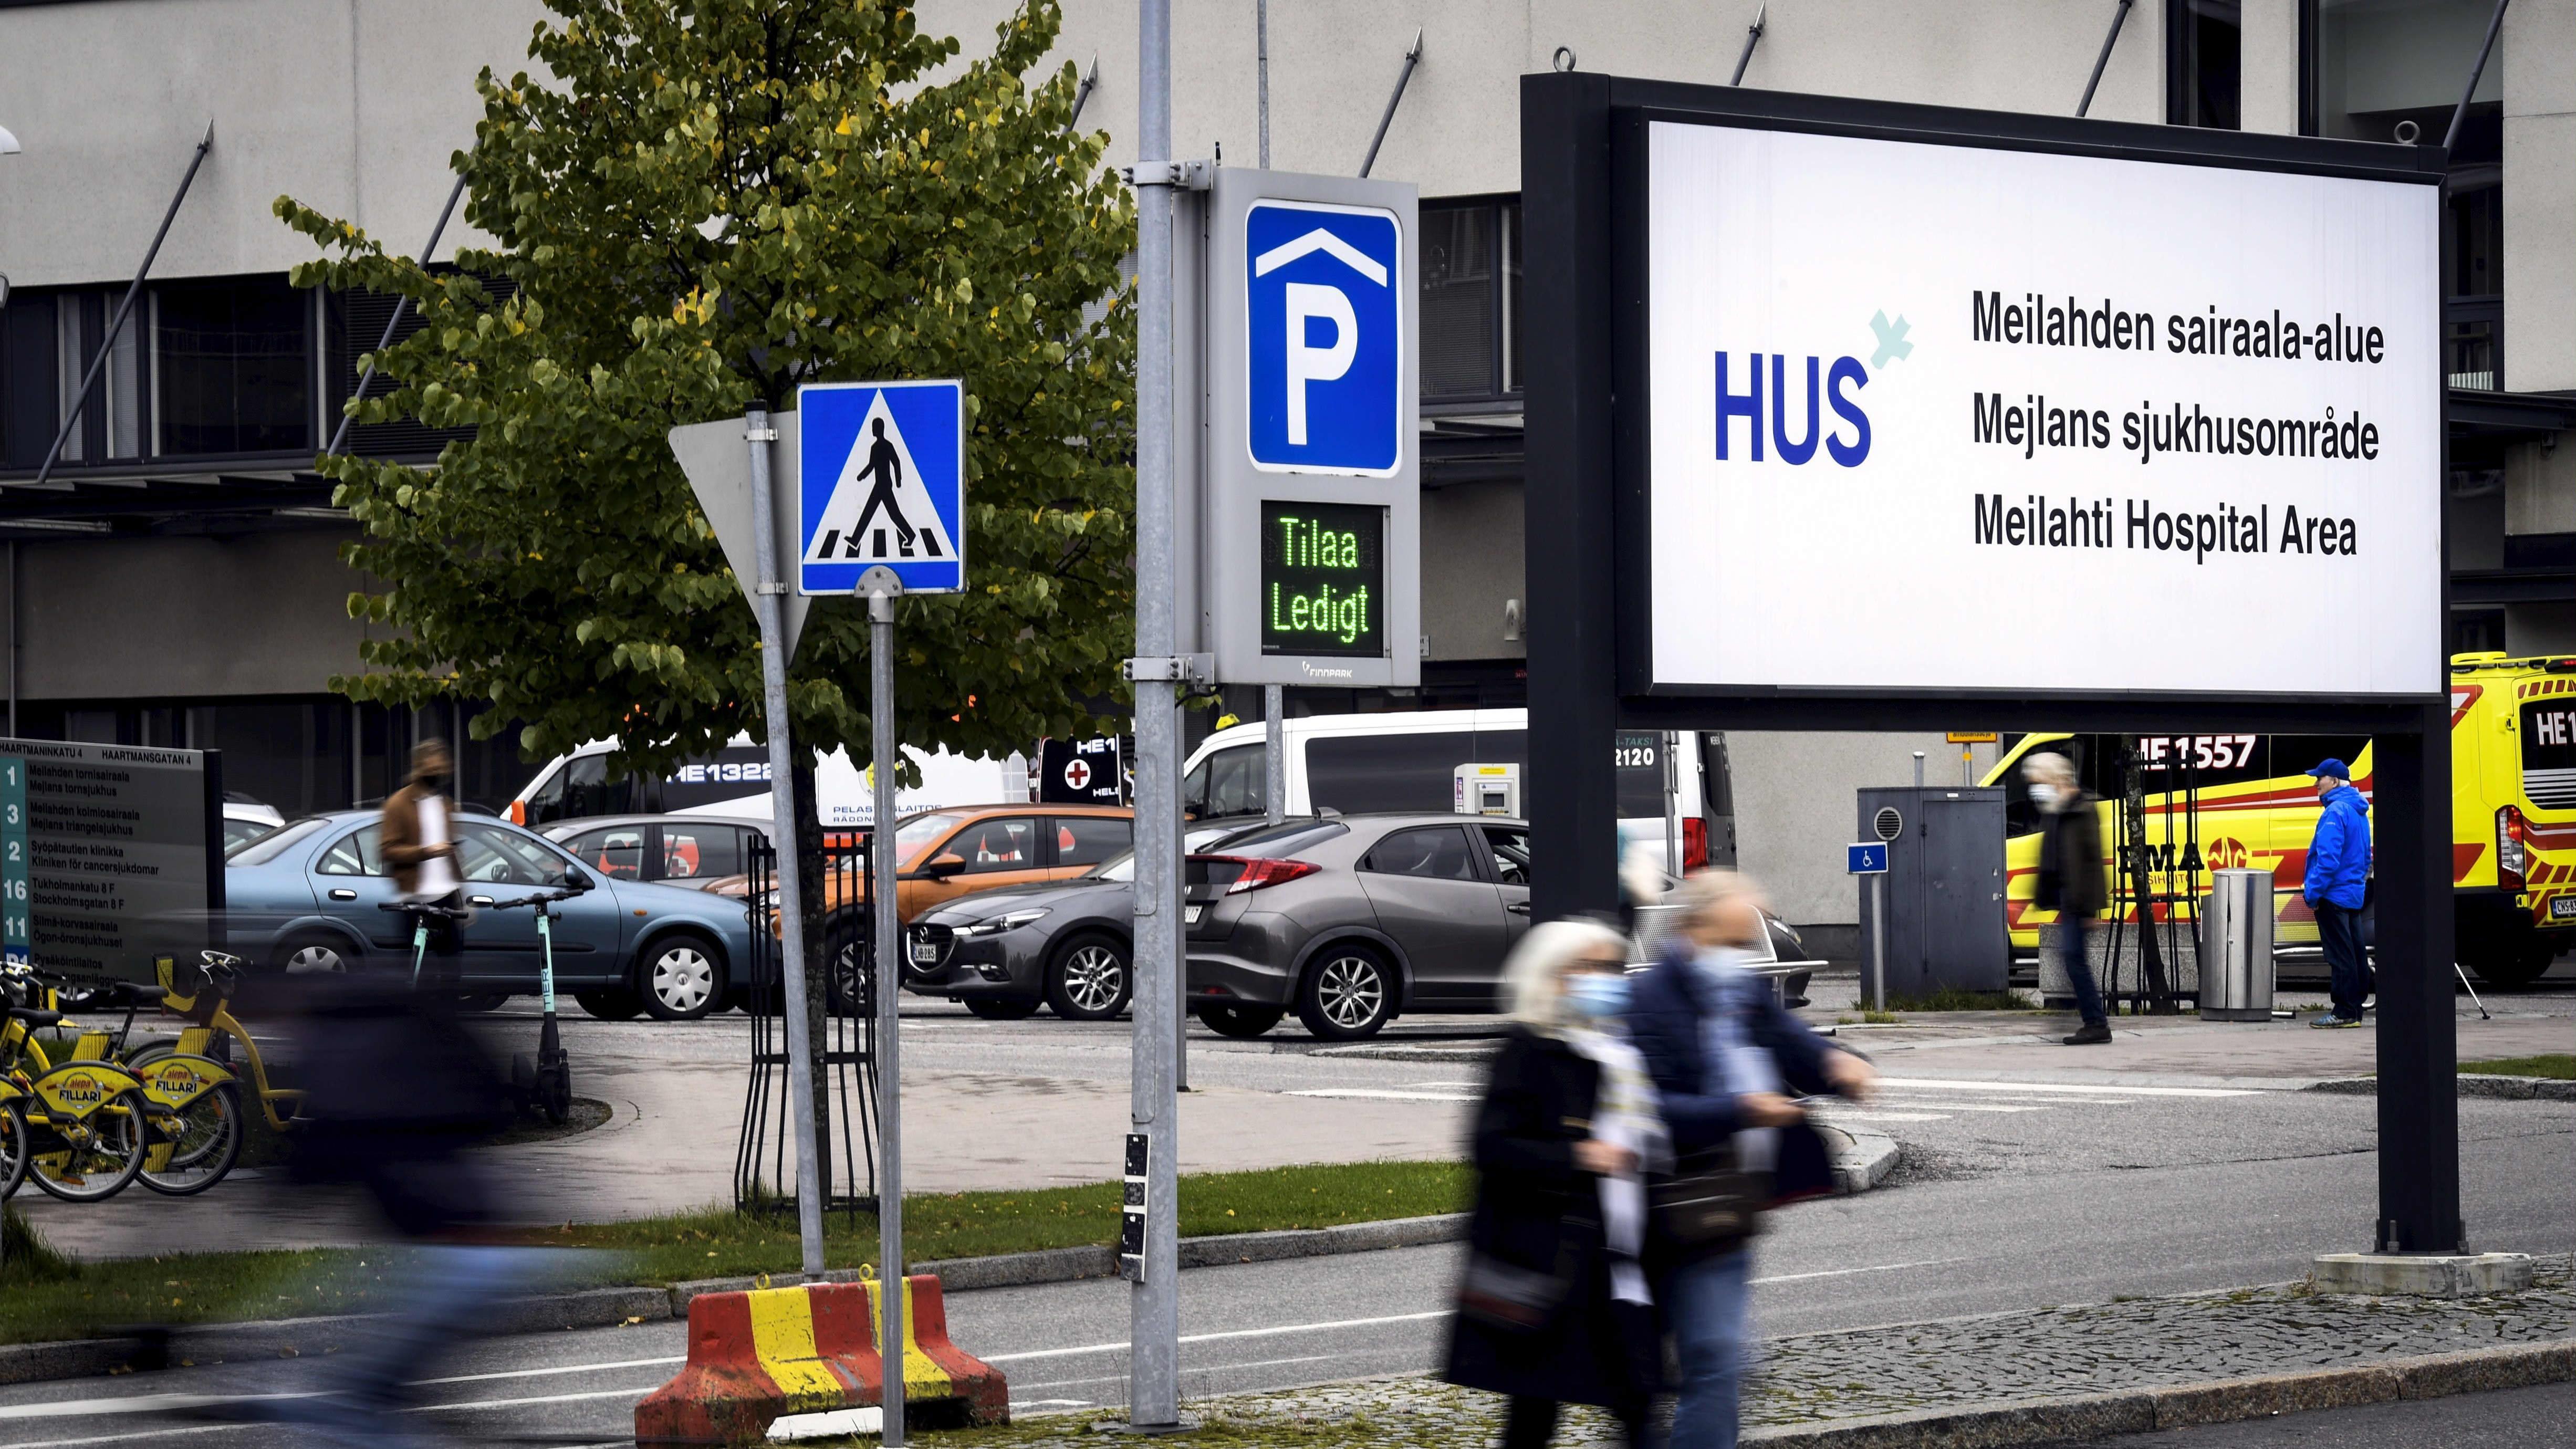 Helsingin ja Uudenmaan sairaanhoitopiirin HUS:in Meilahden sairaala-alue Helsingissä 7. lokakuuta 2020.